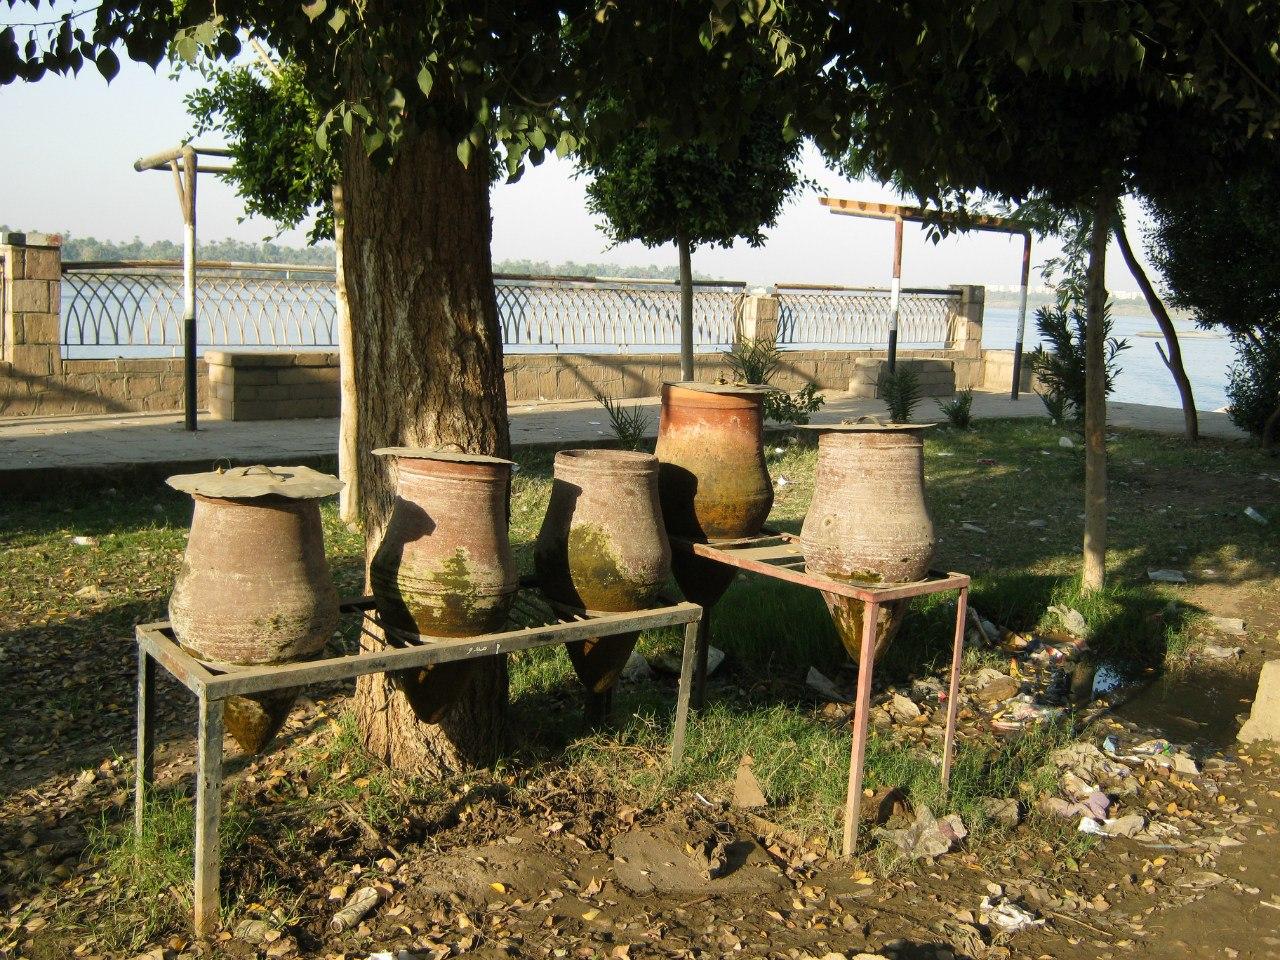 кувшины с водой в Египте